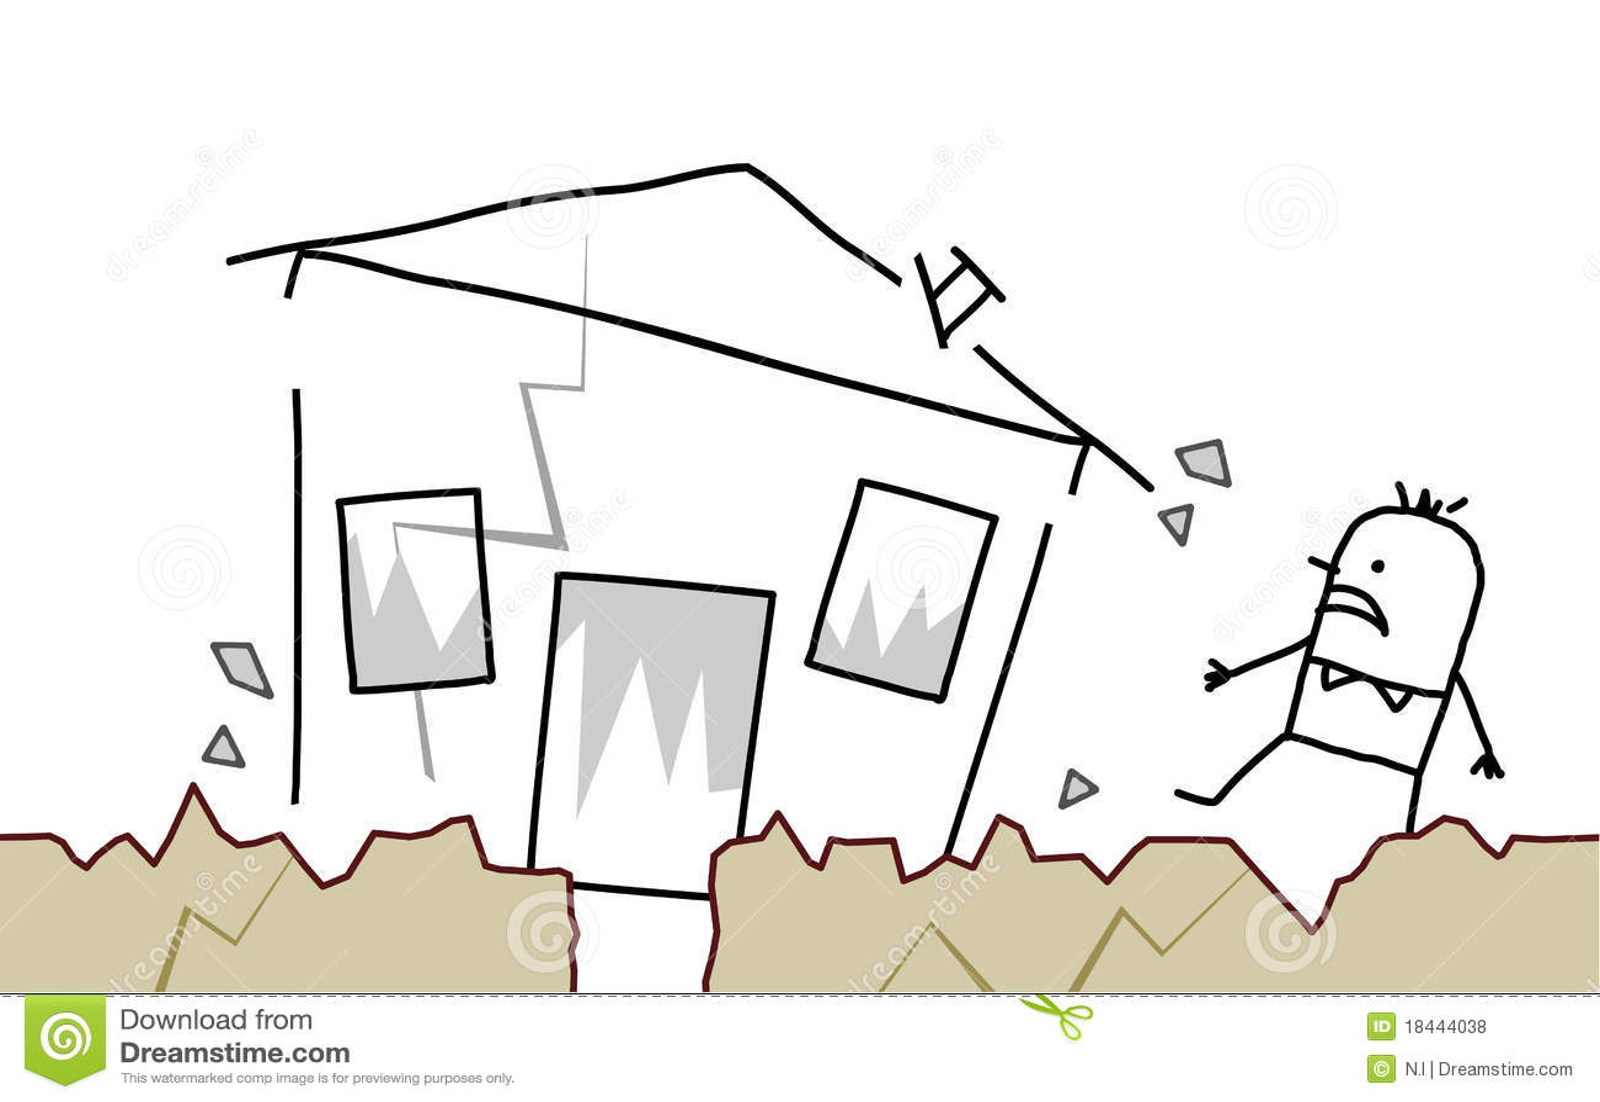 animated clipart earthquake - photo #45